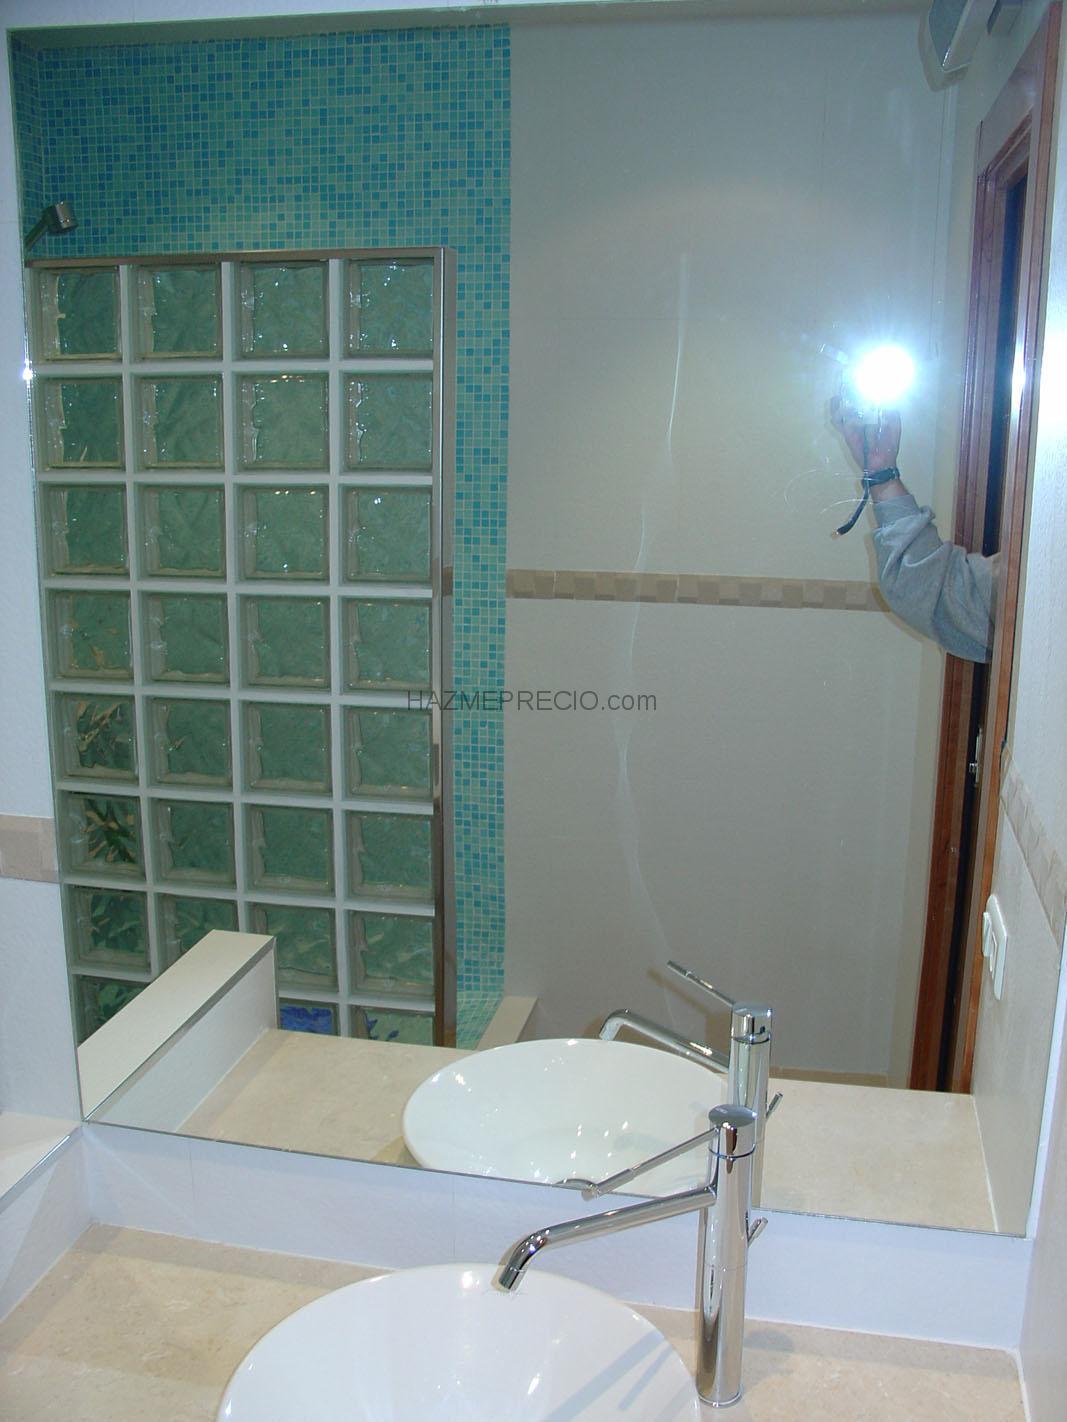 Reforma Baño Alicante:Se reforma el baño, haciendolo más grande Se proyecta con una ducha